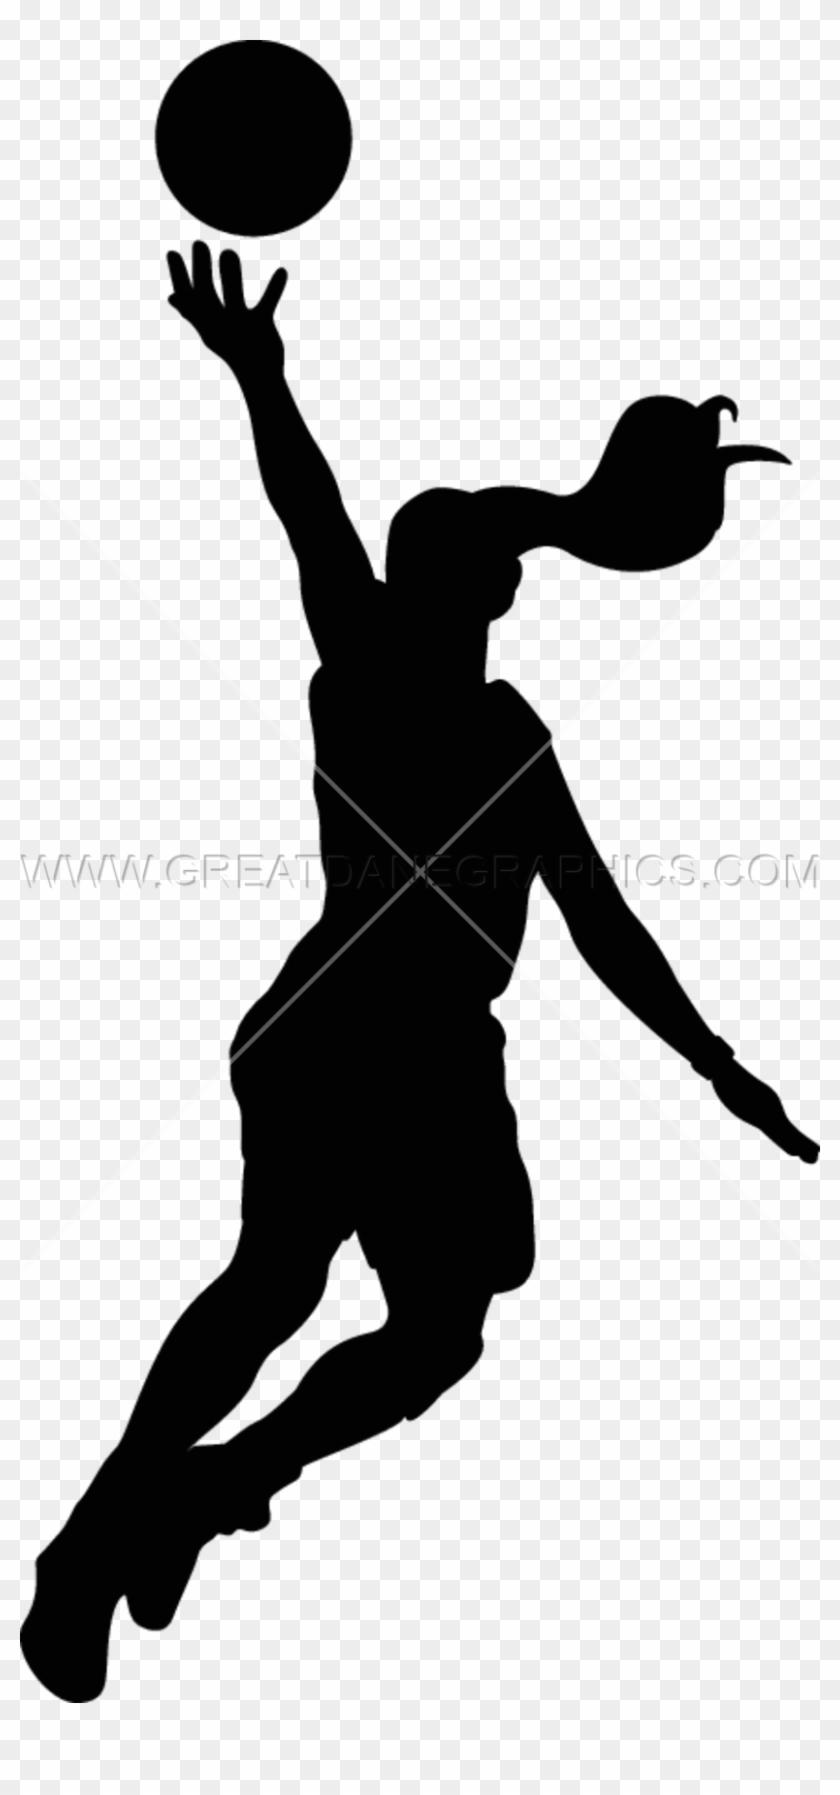 Girls Basketball Layup - Girl Basketball Player Silhouette #855051